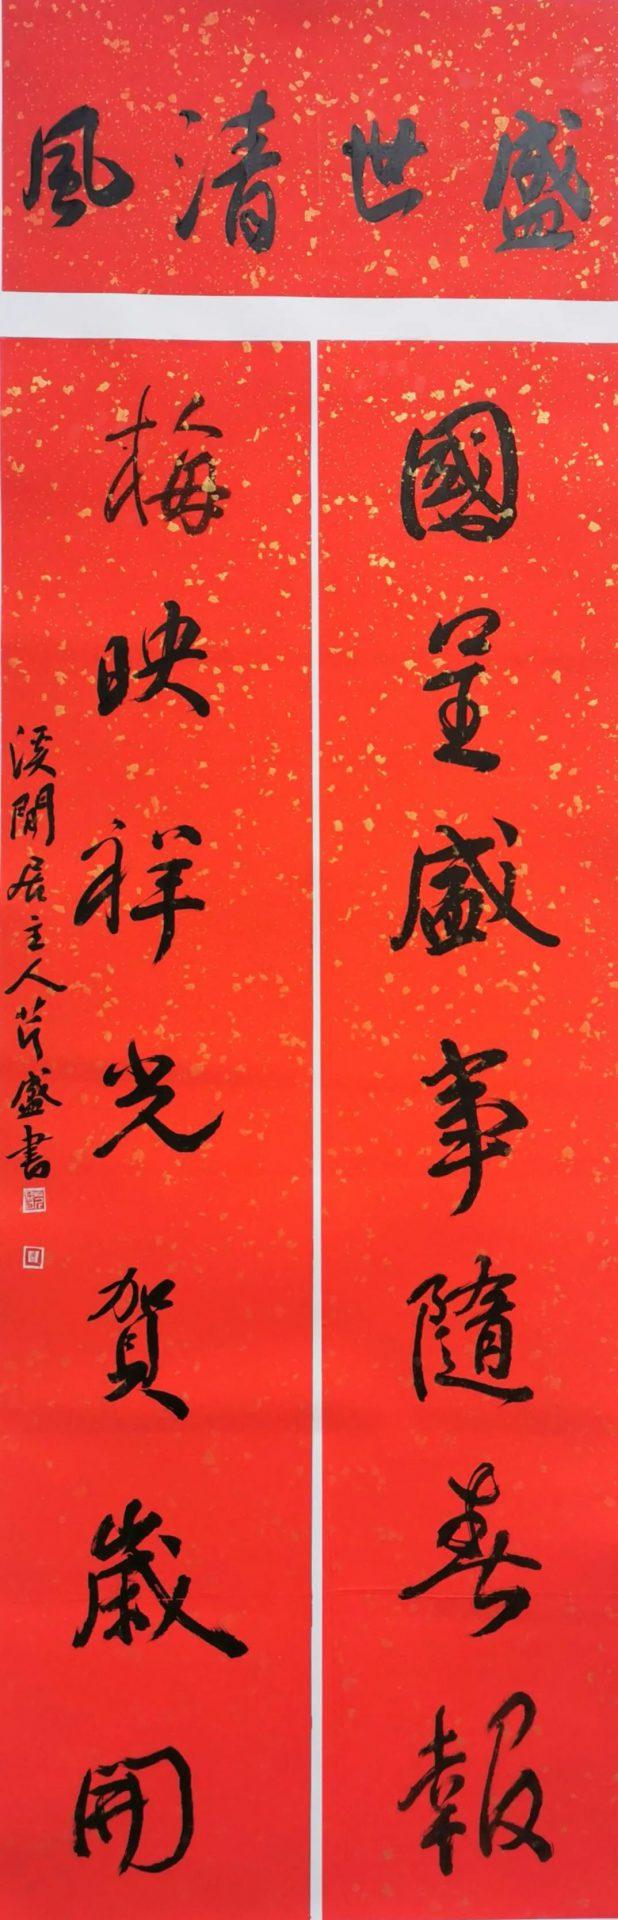 """资讯丨""""艺""""同过年——简阳市第二届春联书法作品提名展"""